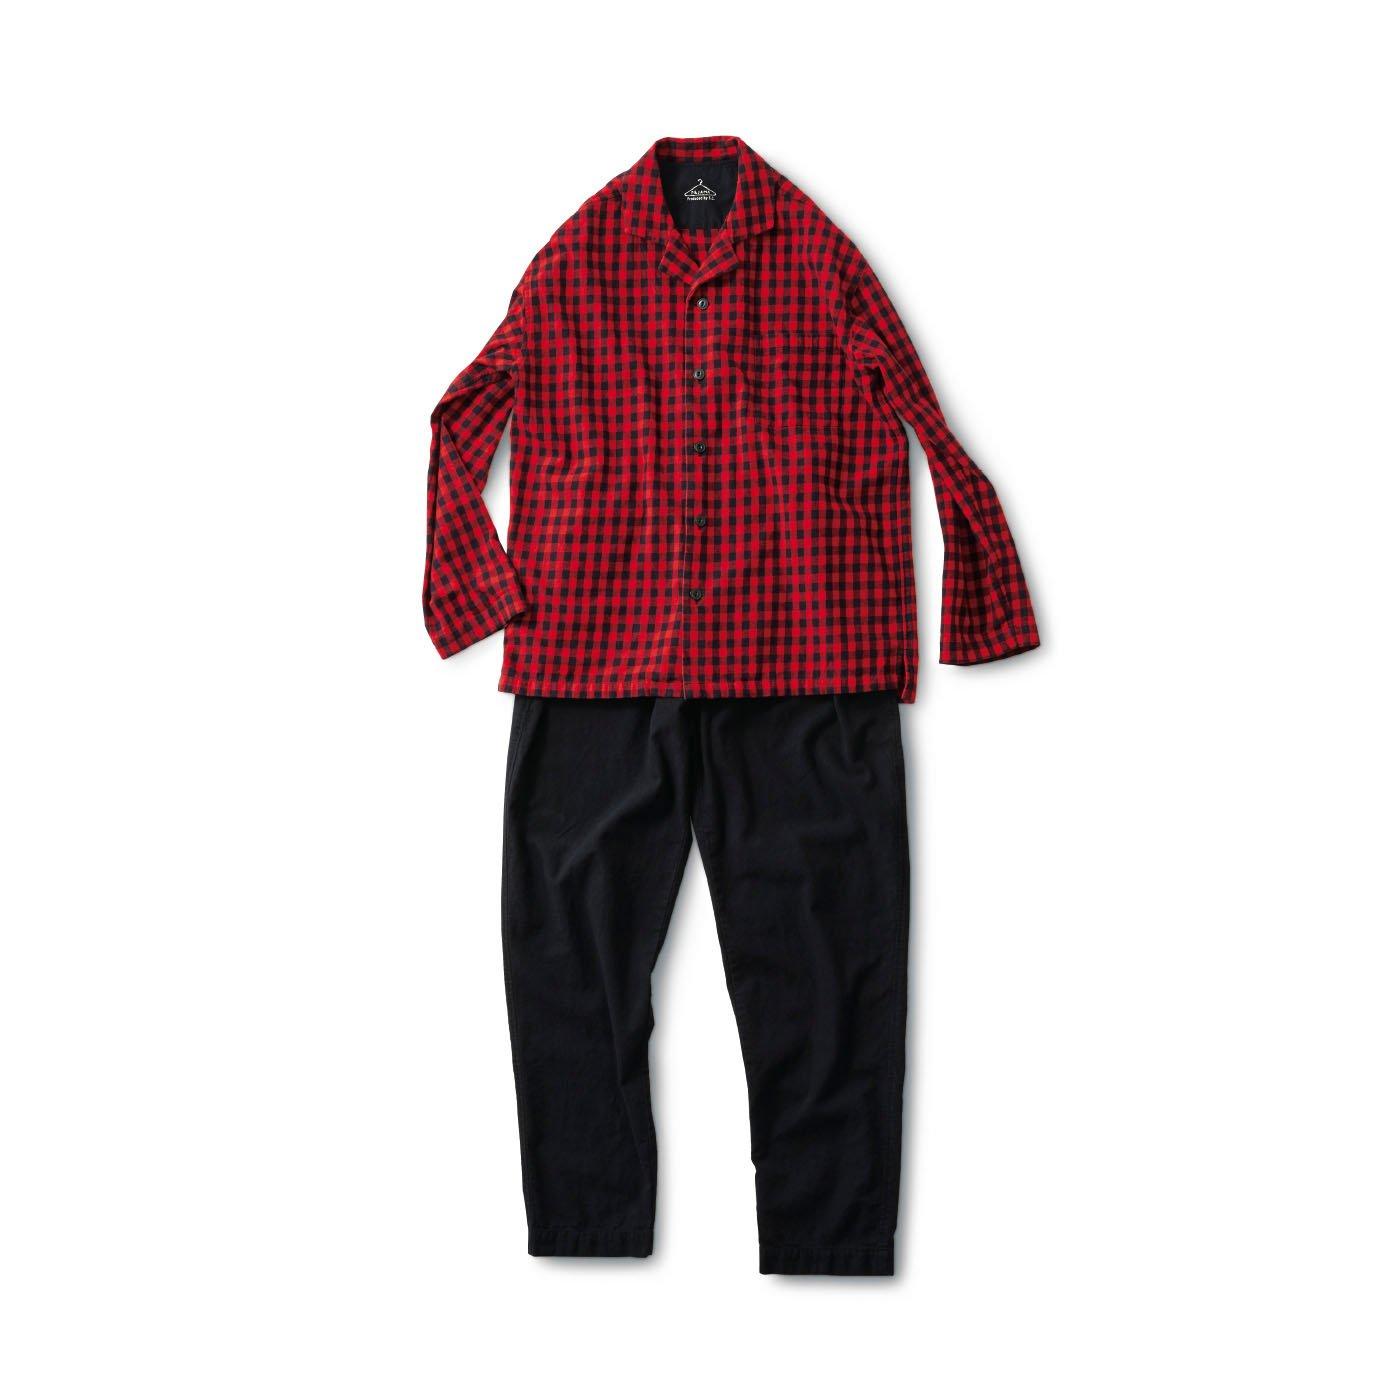 サニークラウズ 赤いチェックのパジャマ〈メンズ〉